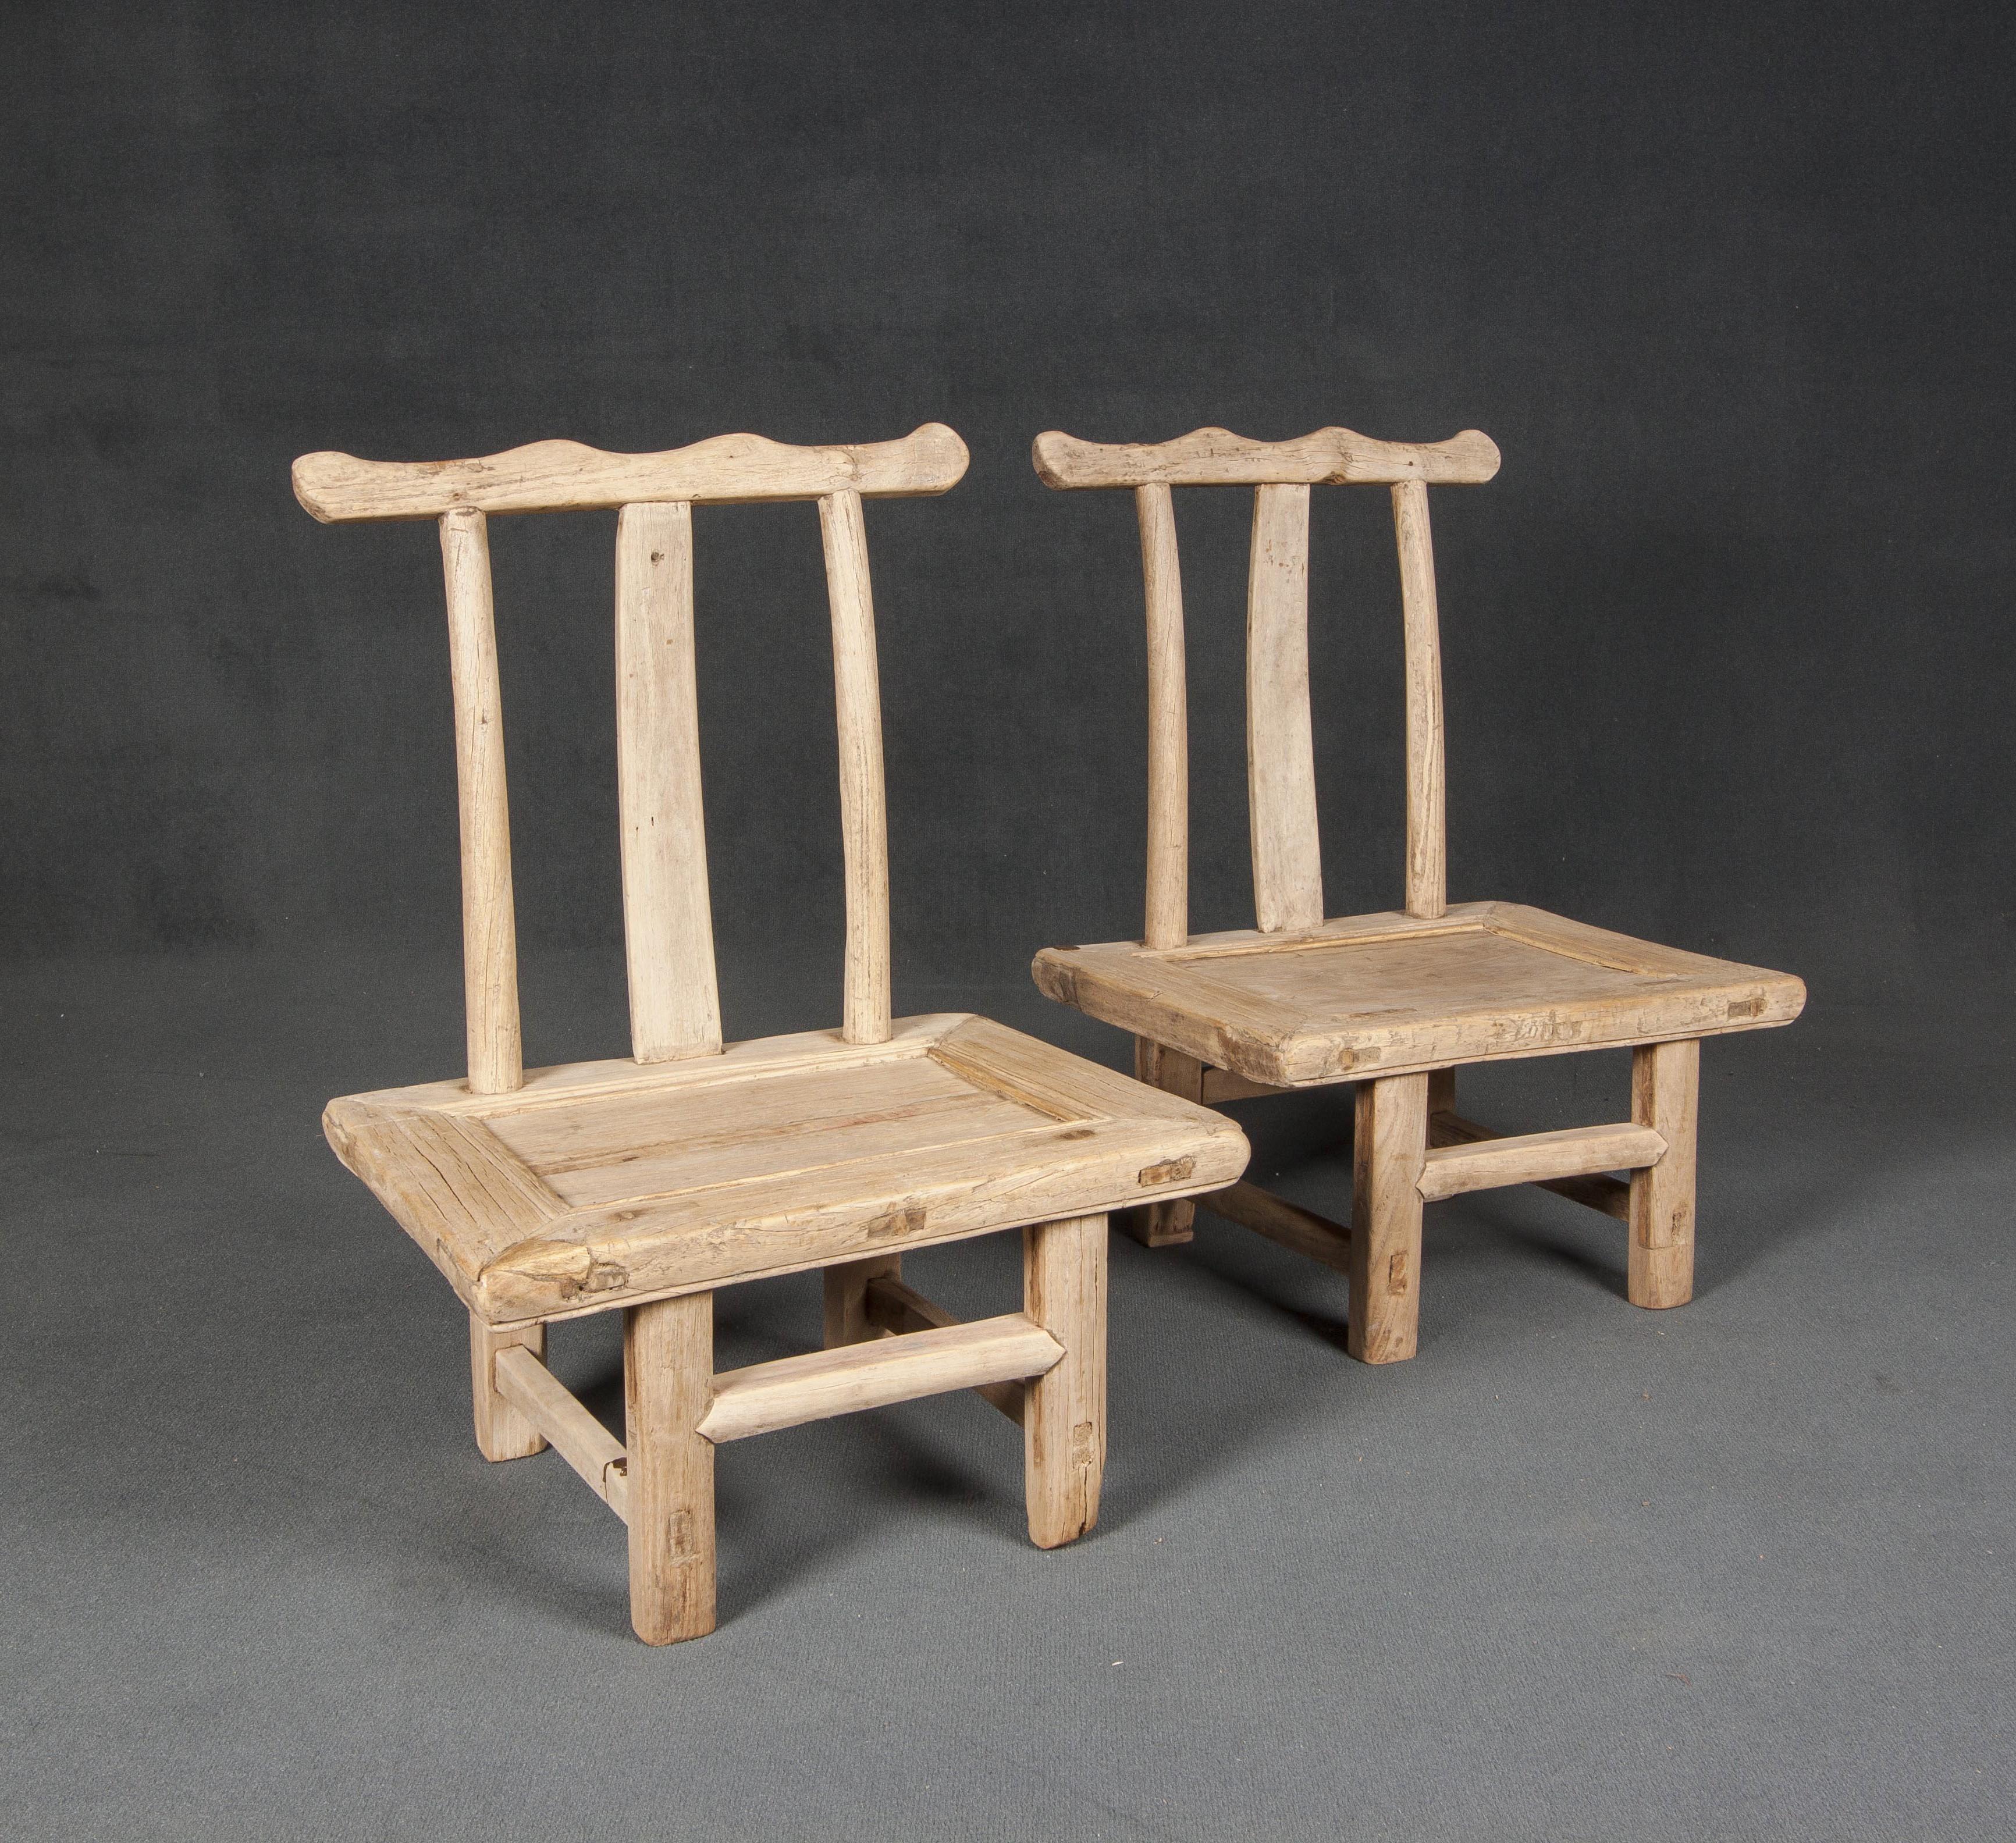 Silla de madera y silla antigua batavia - Sillas de madera antiguas ...